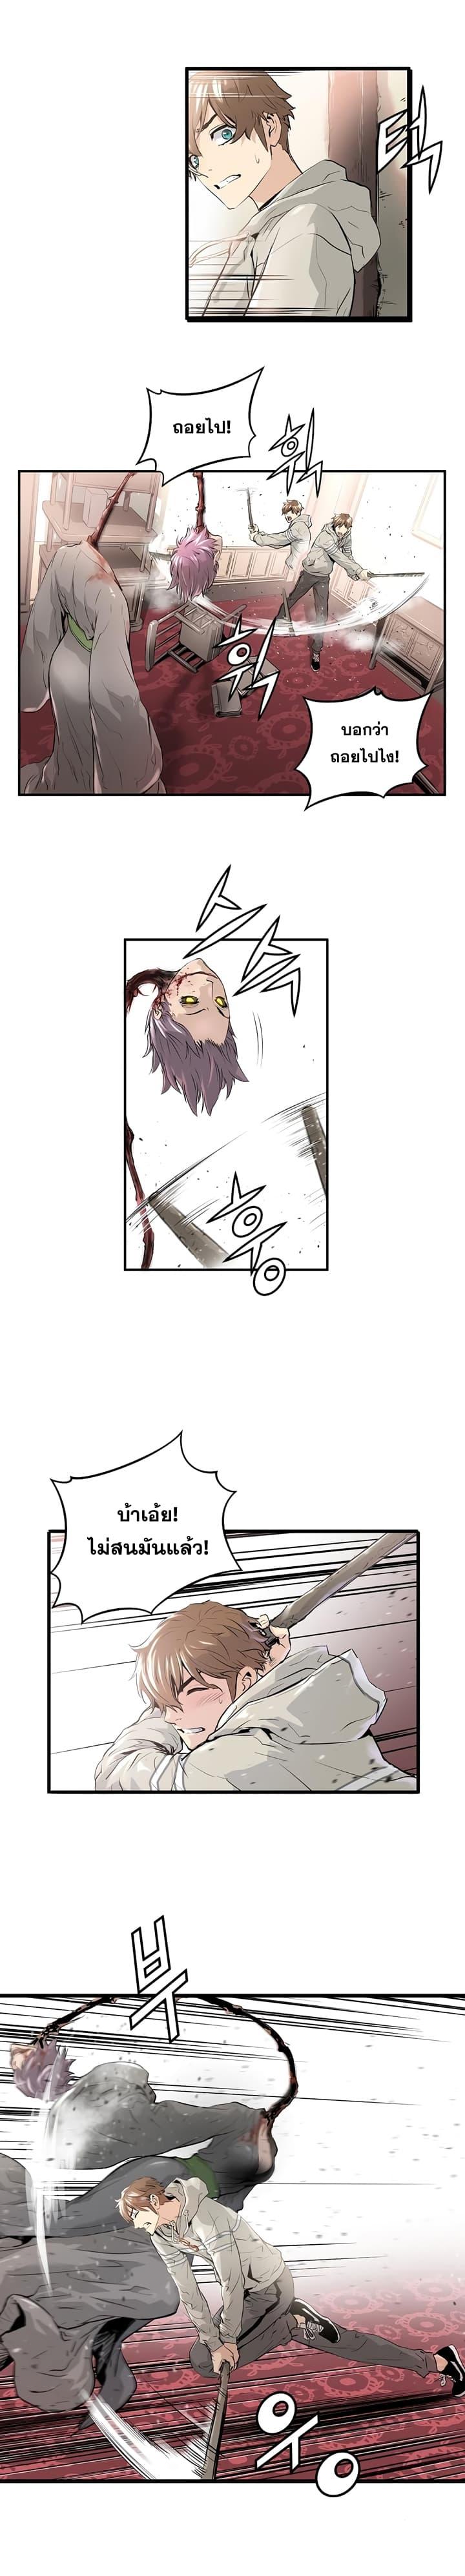 อ่านการ์ตูน Promised Orchid ตอนที่ 4 หน้าที่ 3